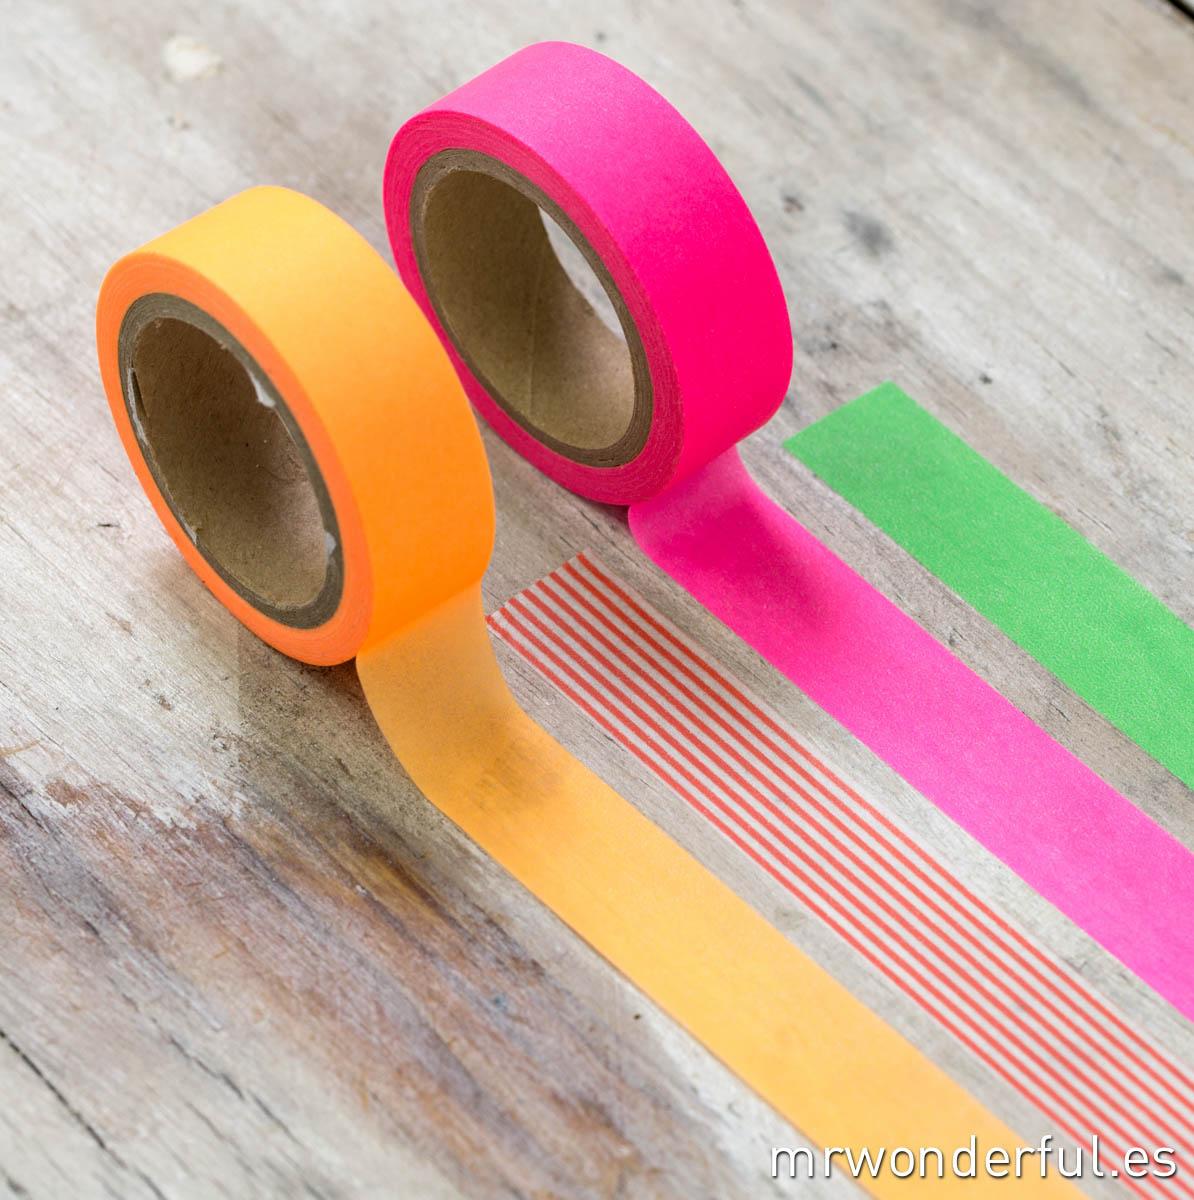 857004_cinta-colores-neon_set4-6